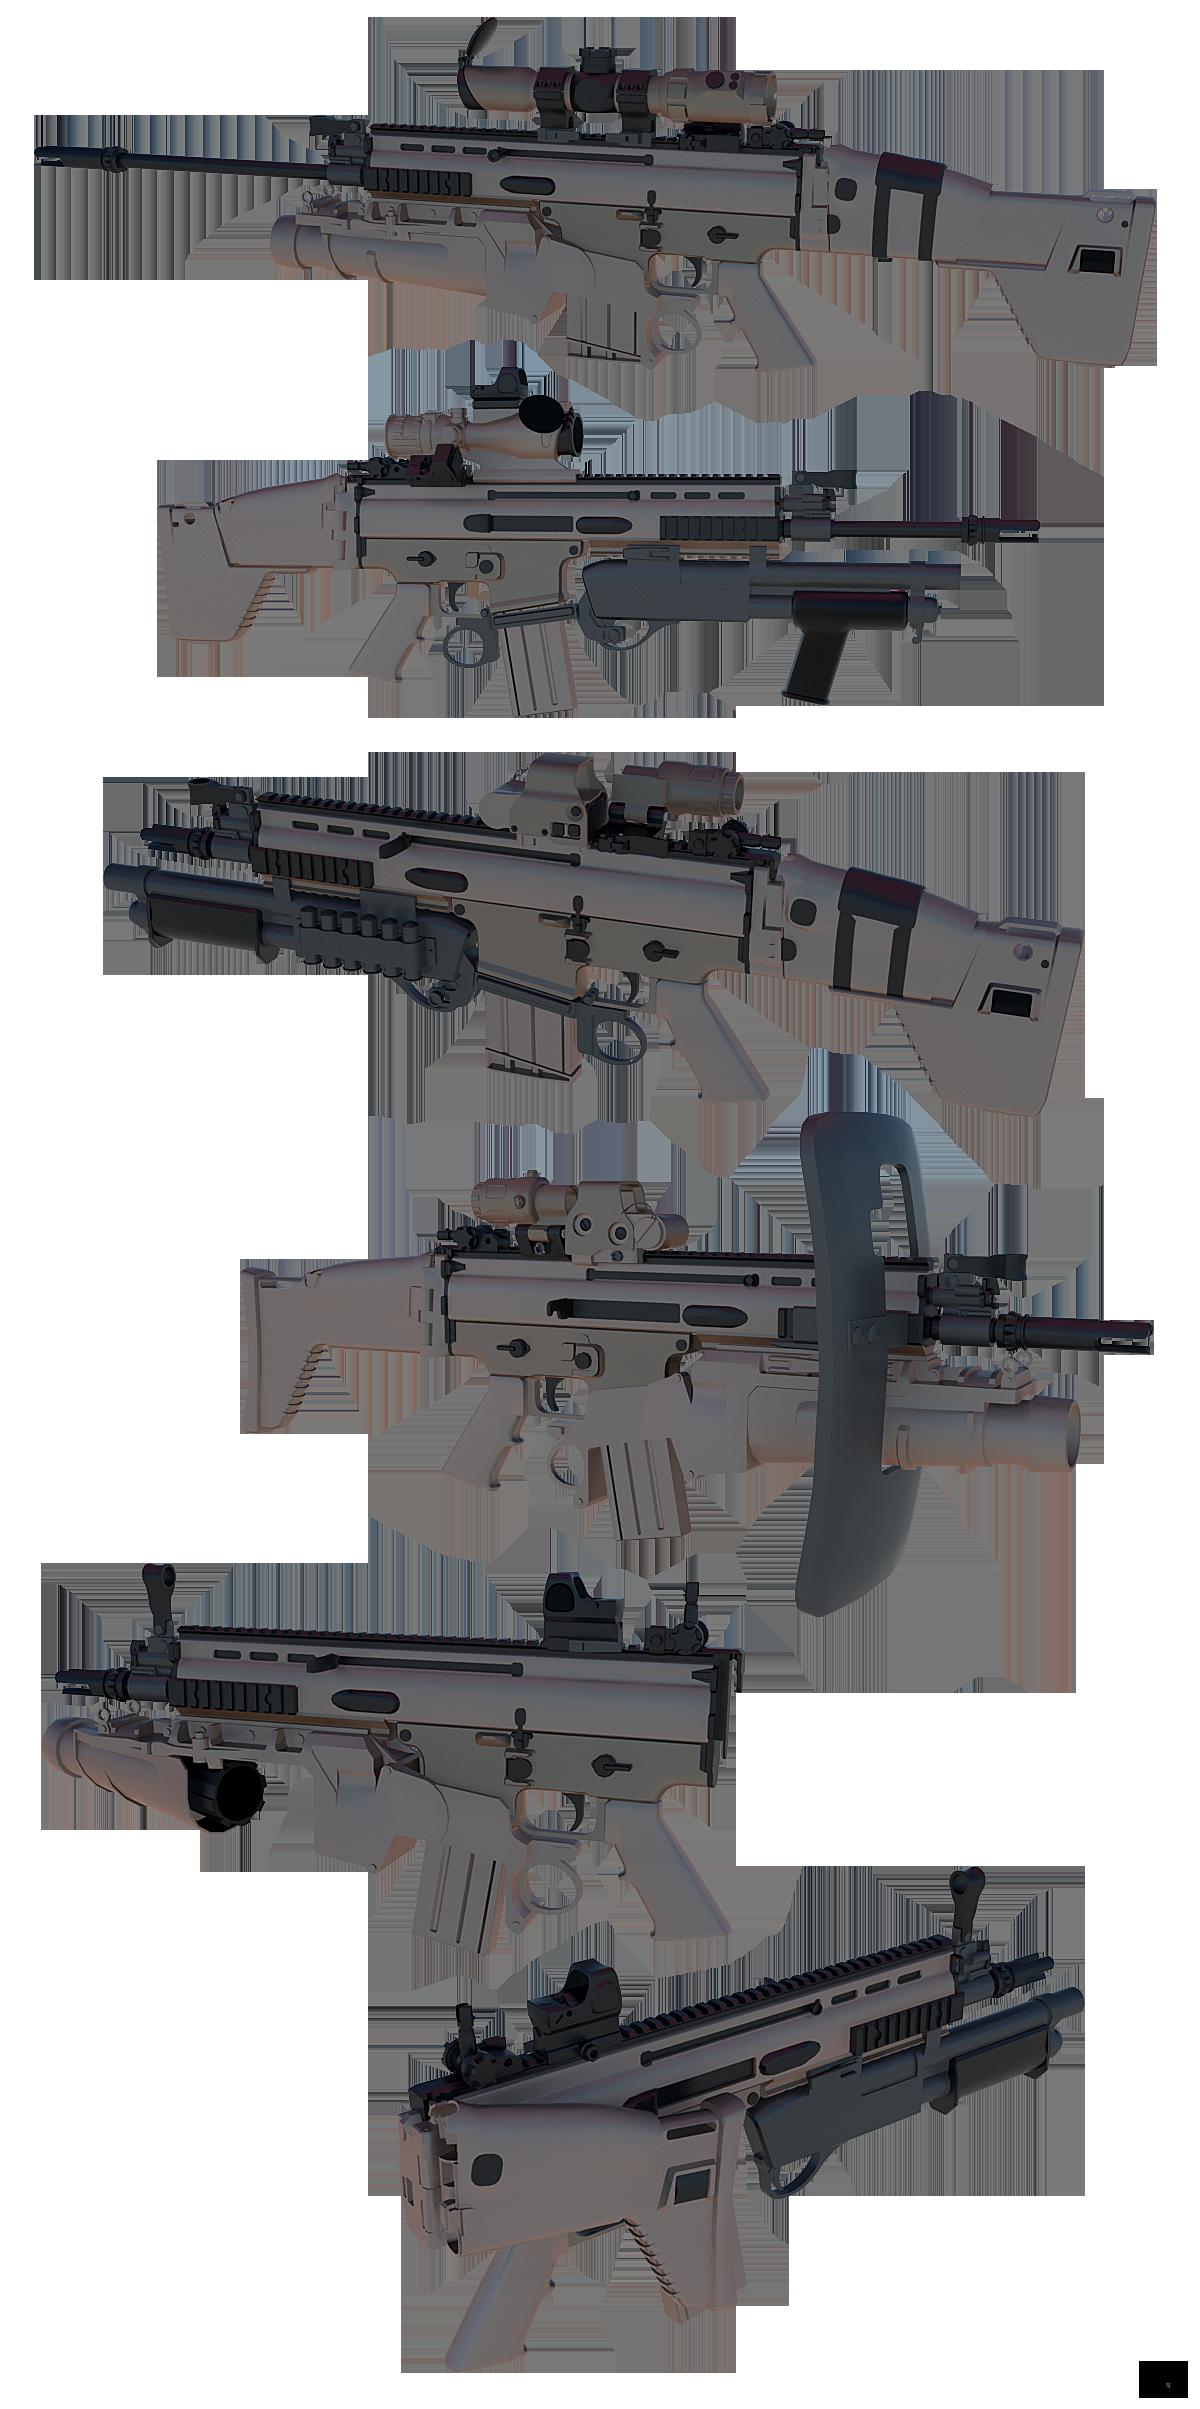 FN Scar L/H (WIP)